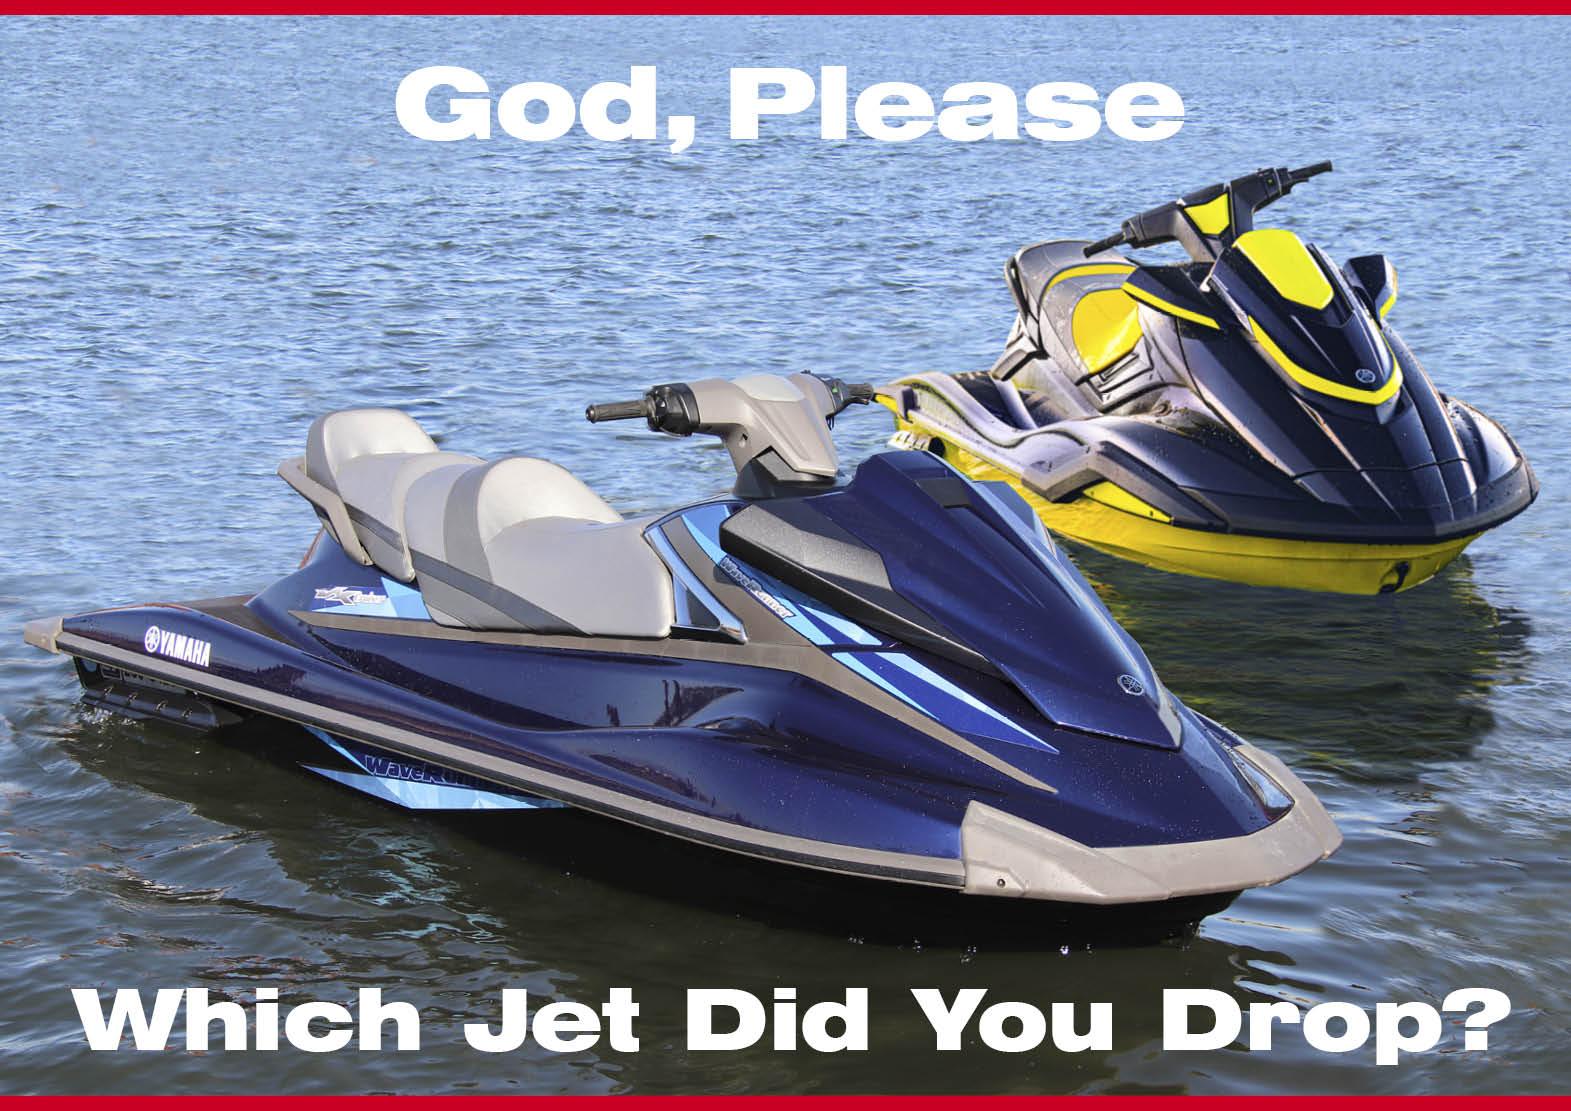 お前の落としたジェットはどちらだ? 冬の究極の選択 コラム ジェットスキー(水上バイク)